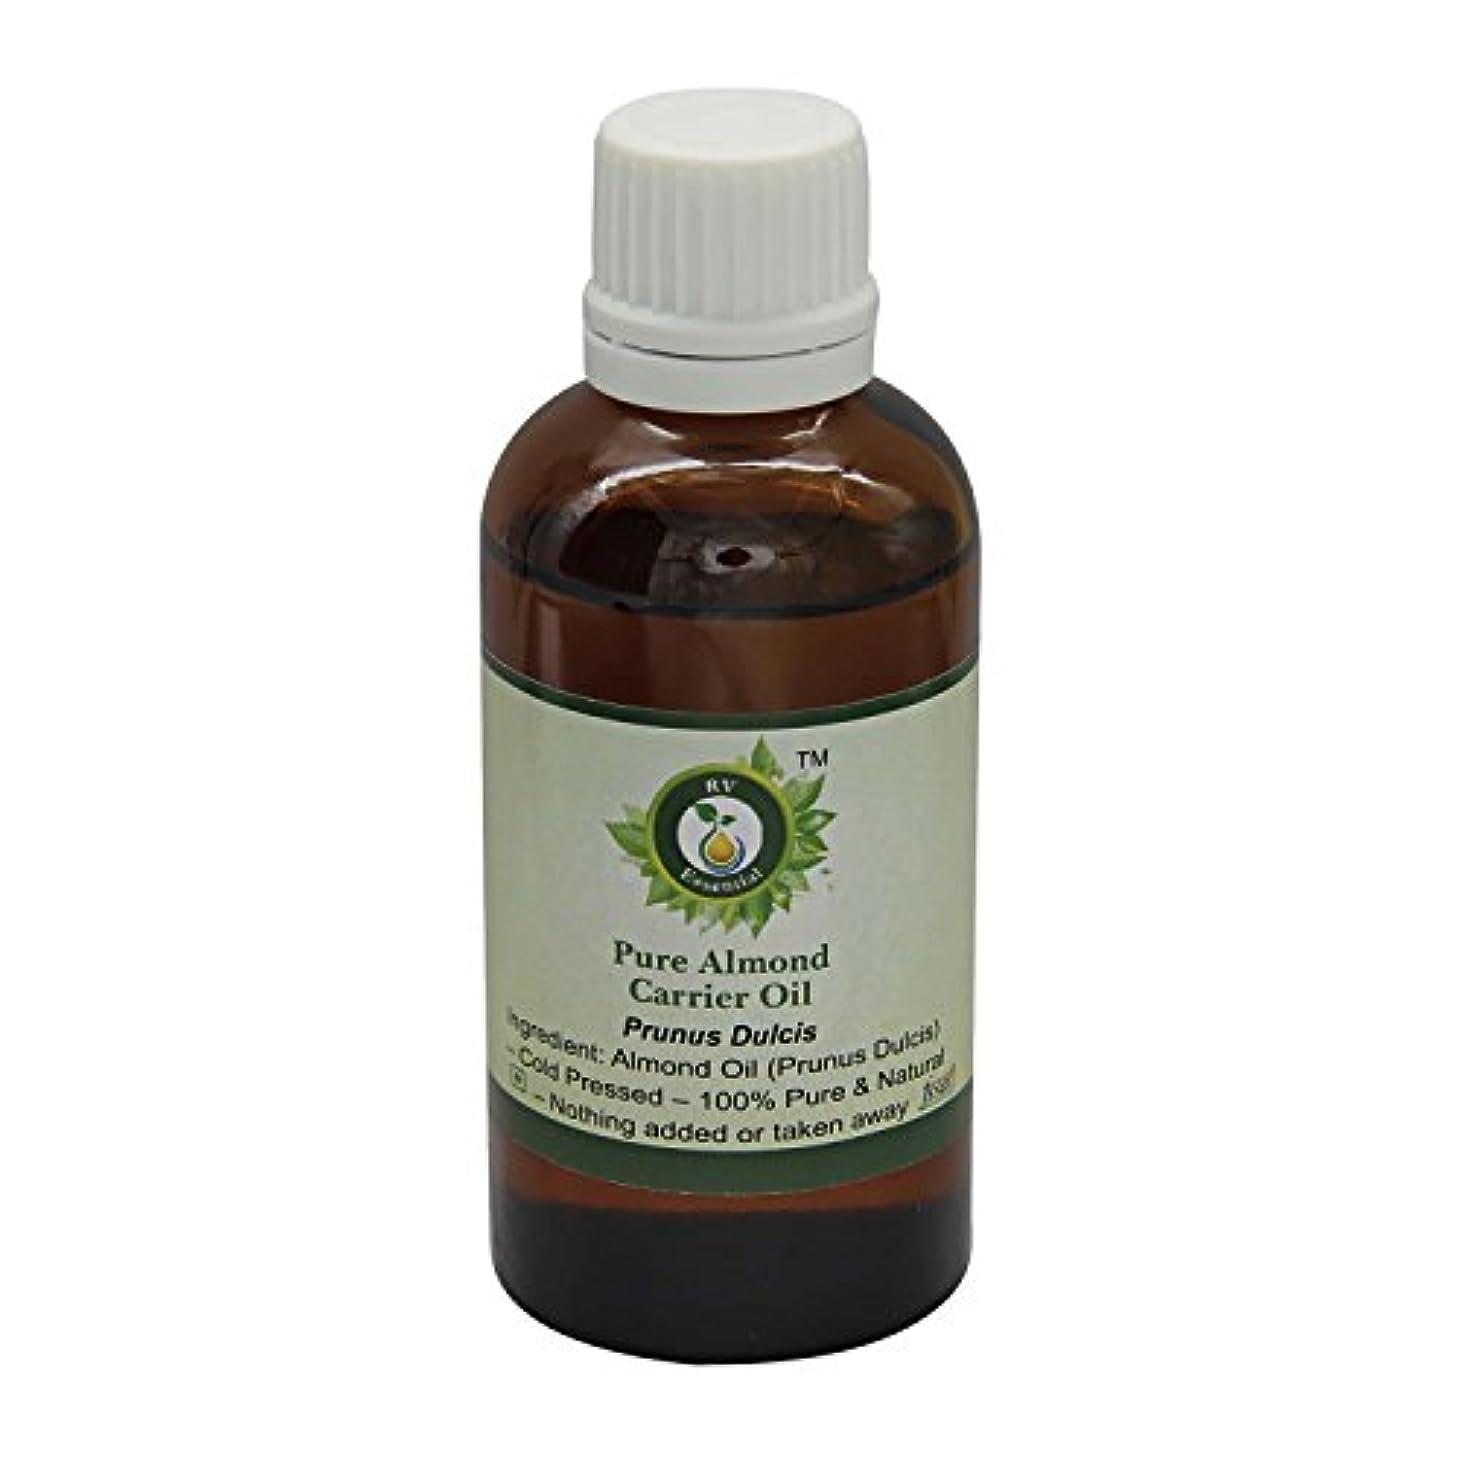 主流けん引壮大なR V Essential 純粋なアーモンドキャリアオイル50ml (1.69oz)- Prunus Dulcis (100%ピュア&ナチュラルコールドPressed) Pure Almond Carrier Oil